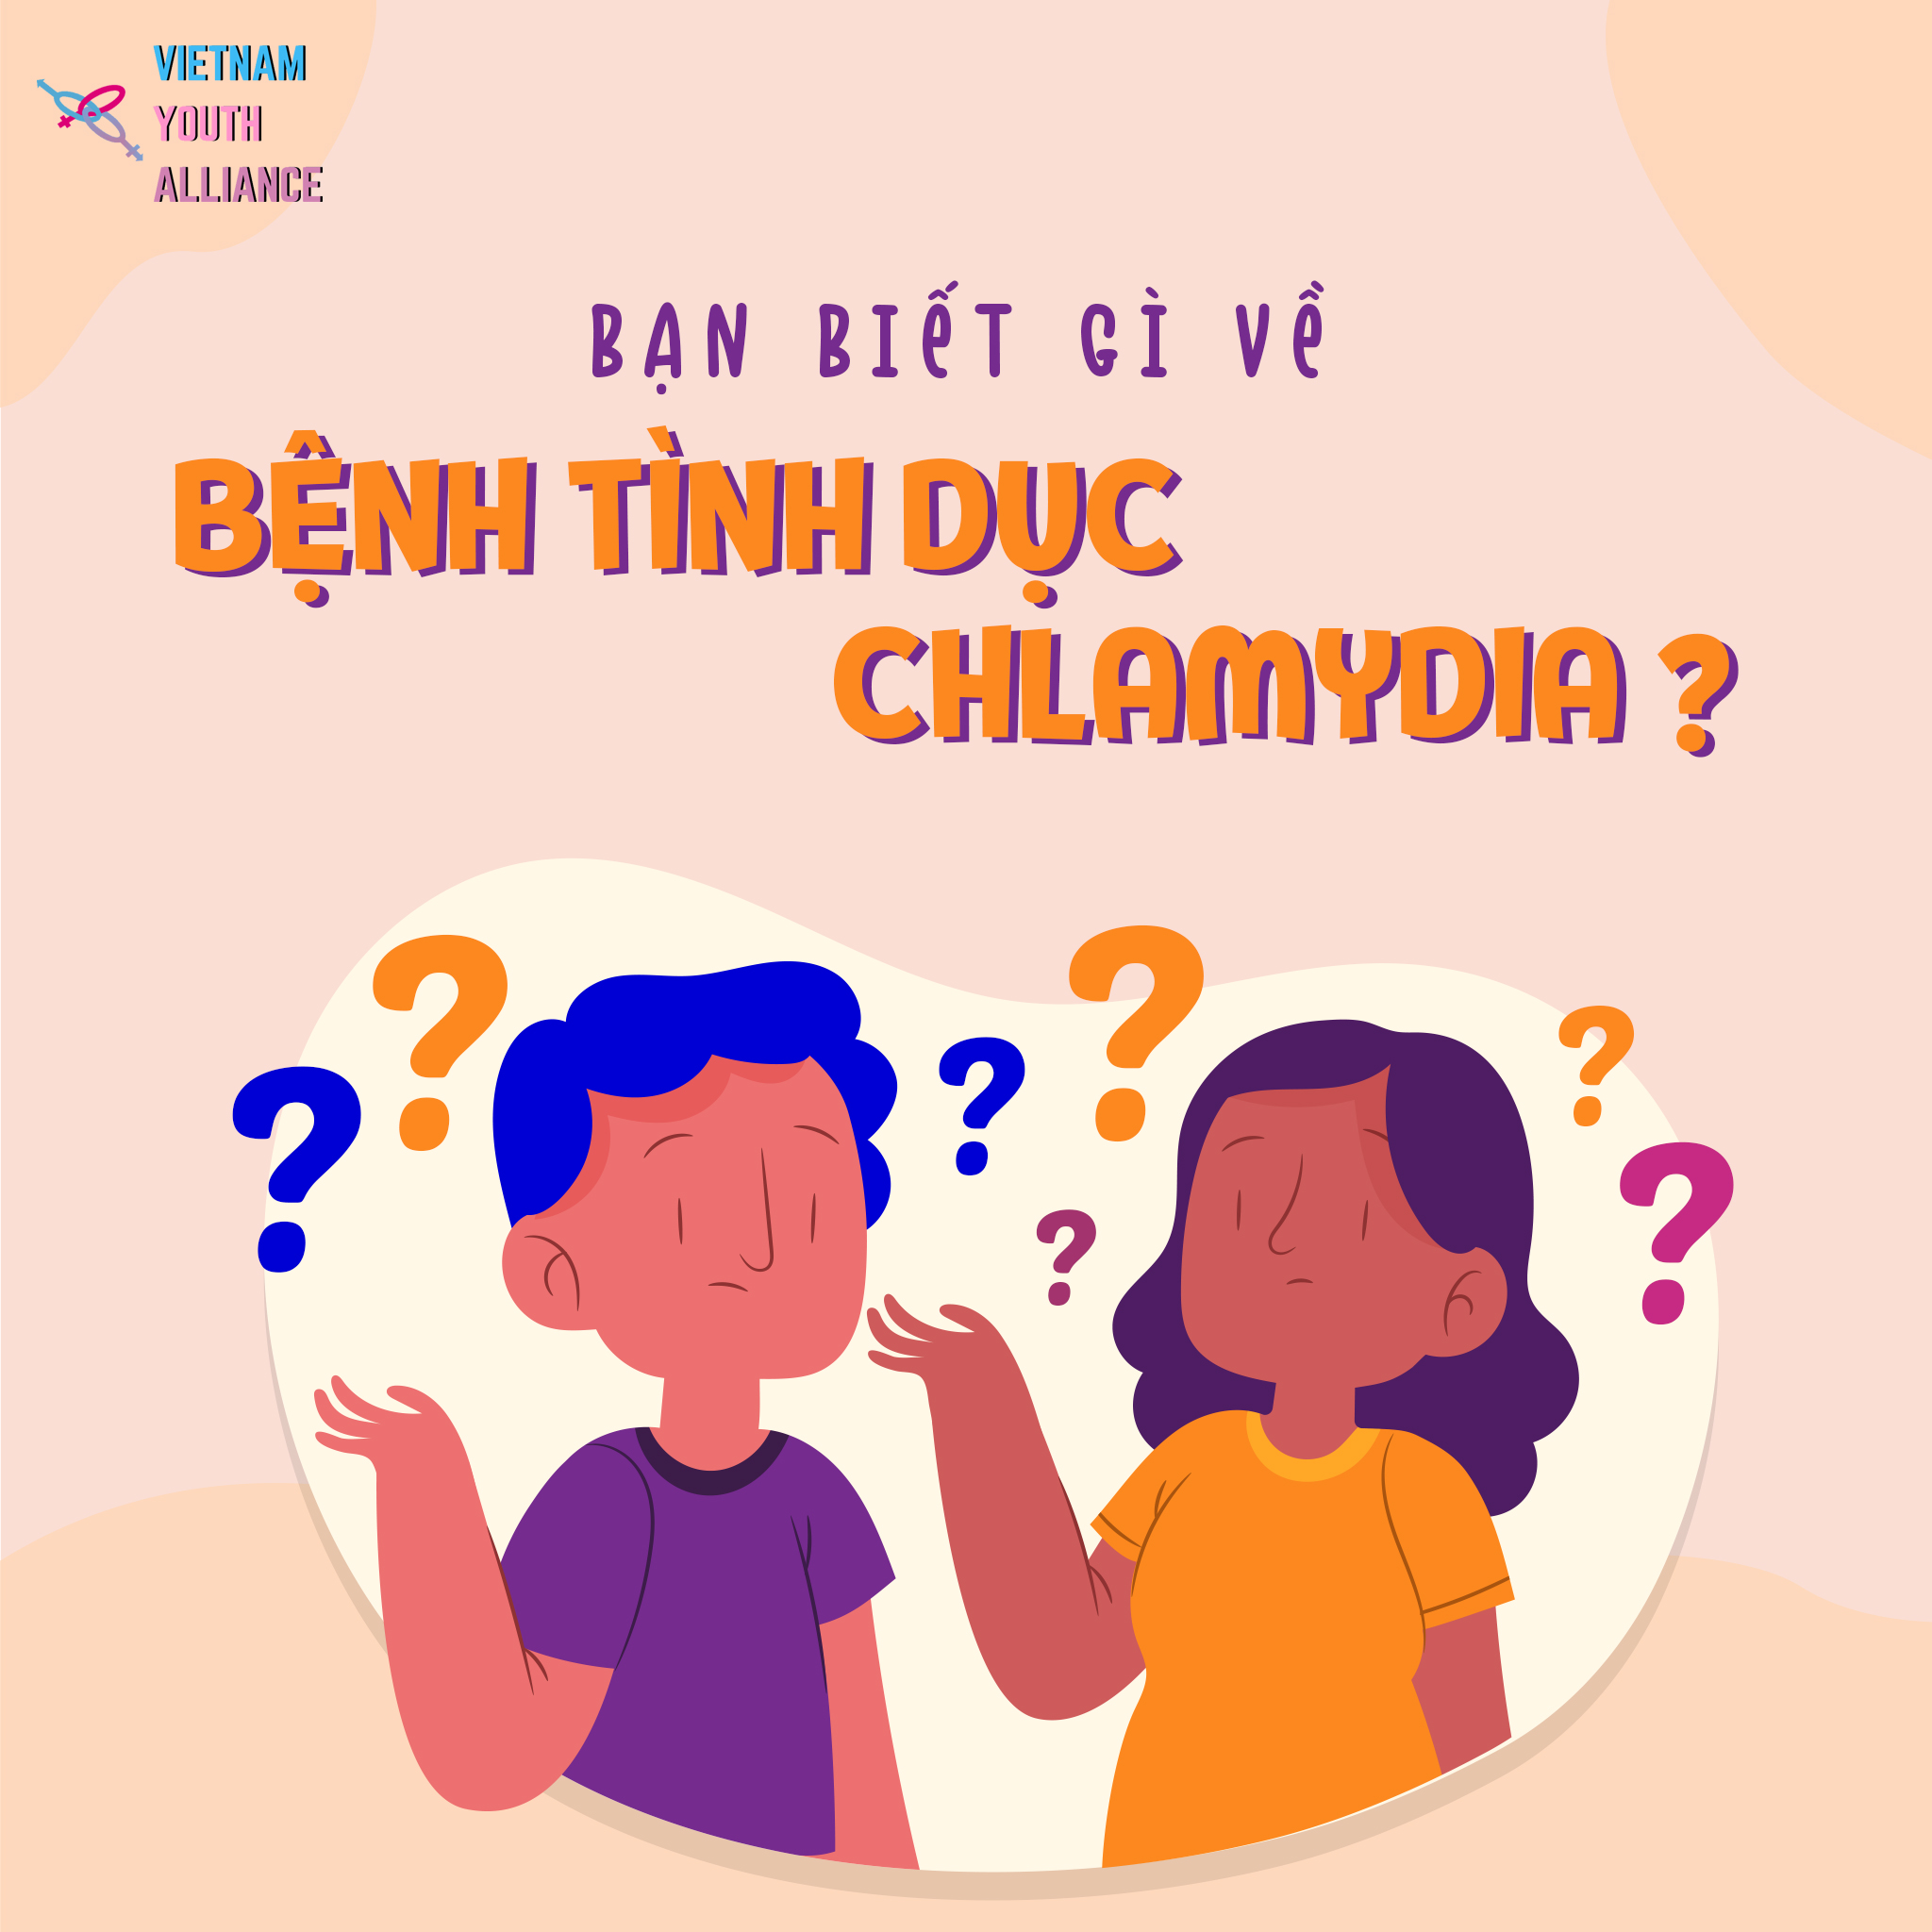 Bạn biết gì về bệnh tình dục Chlamydia?